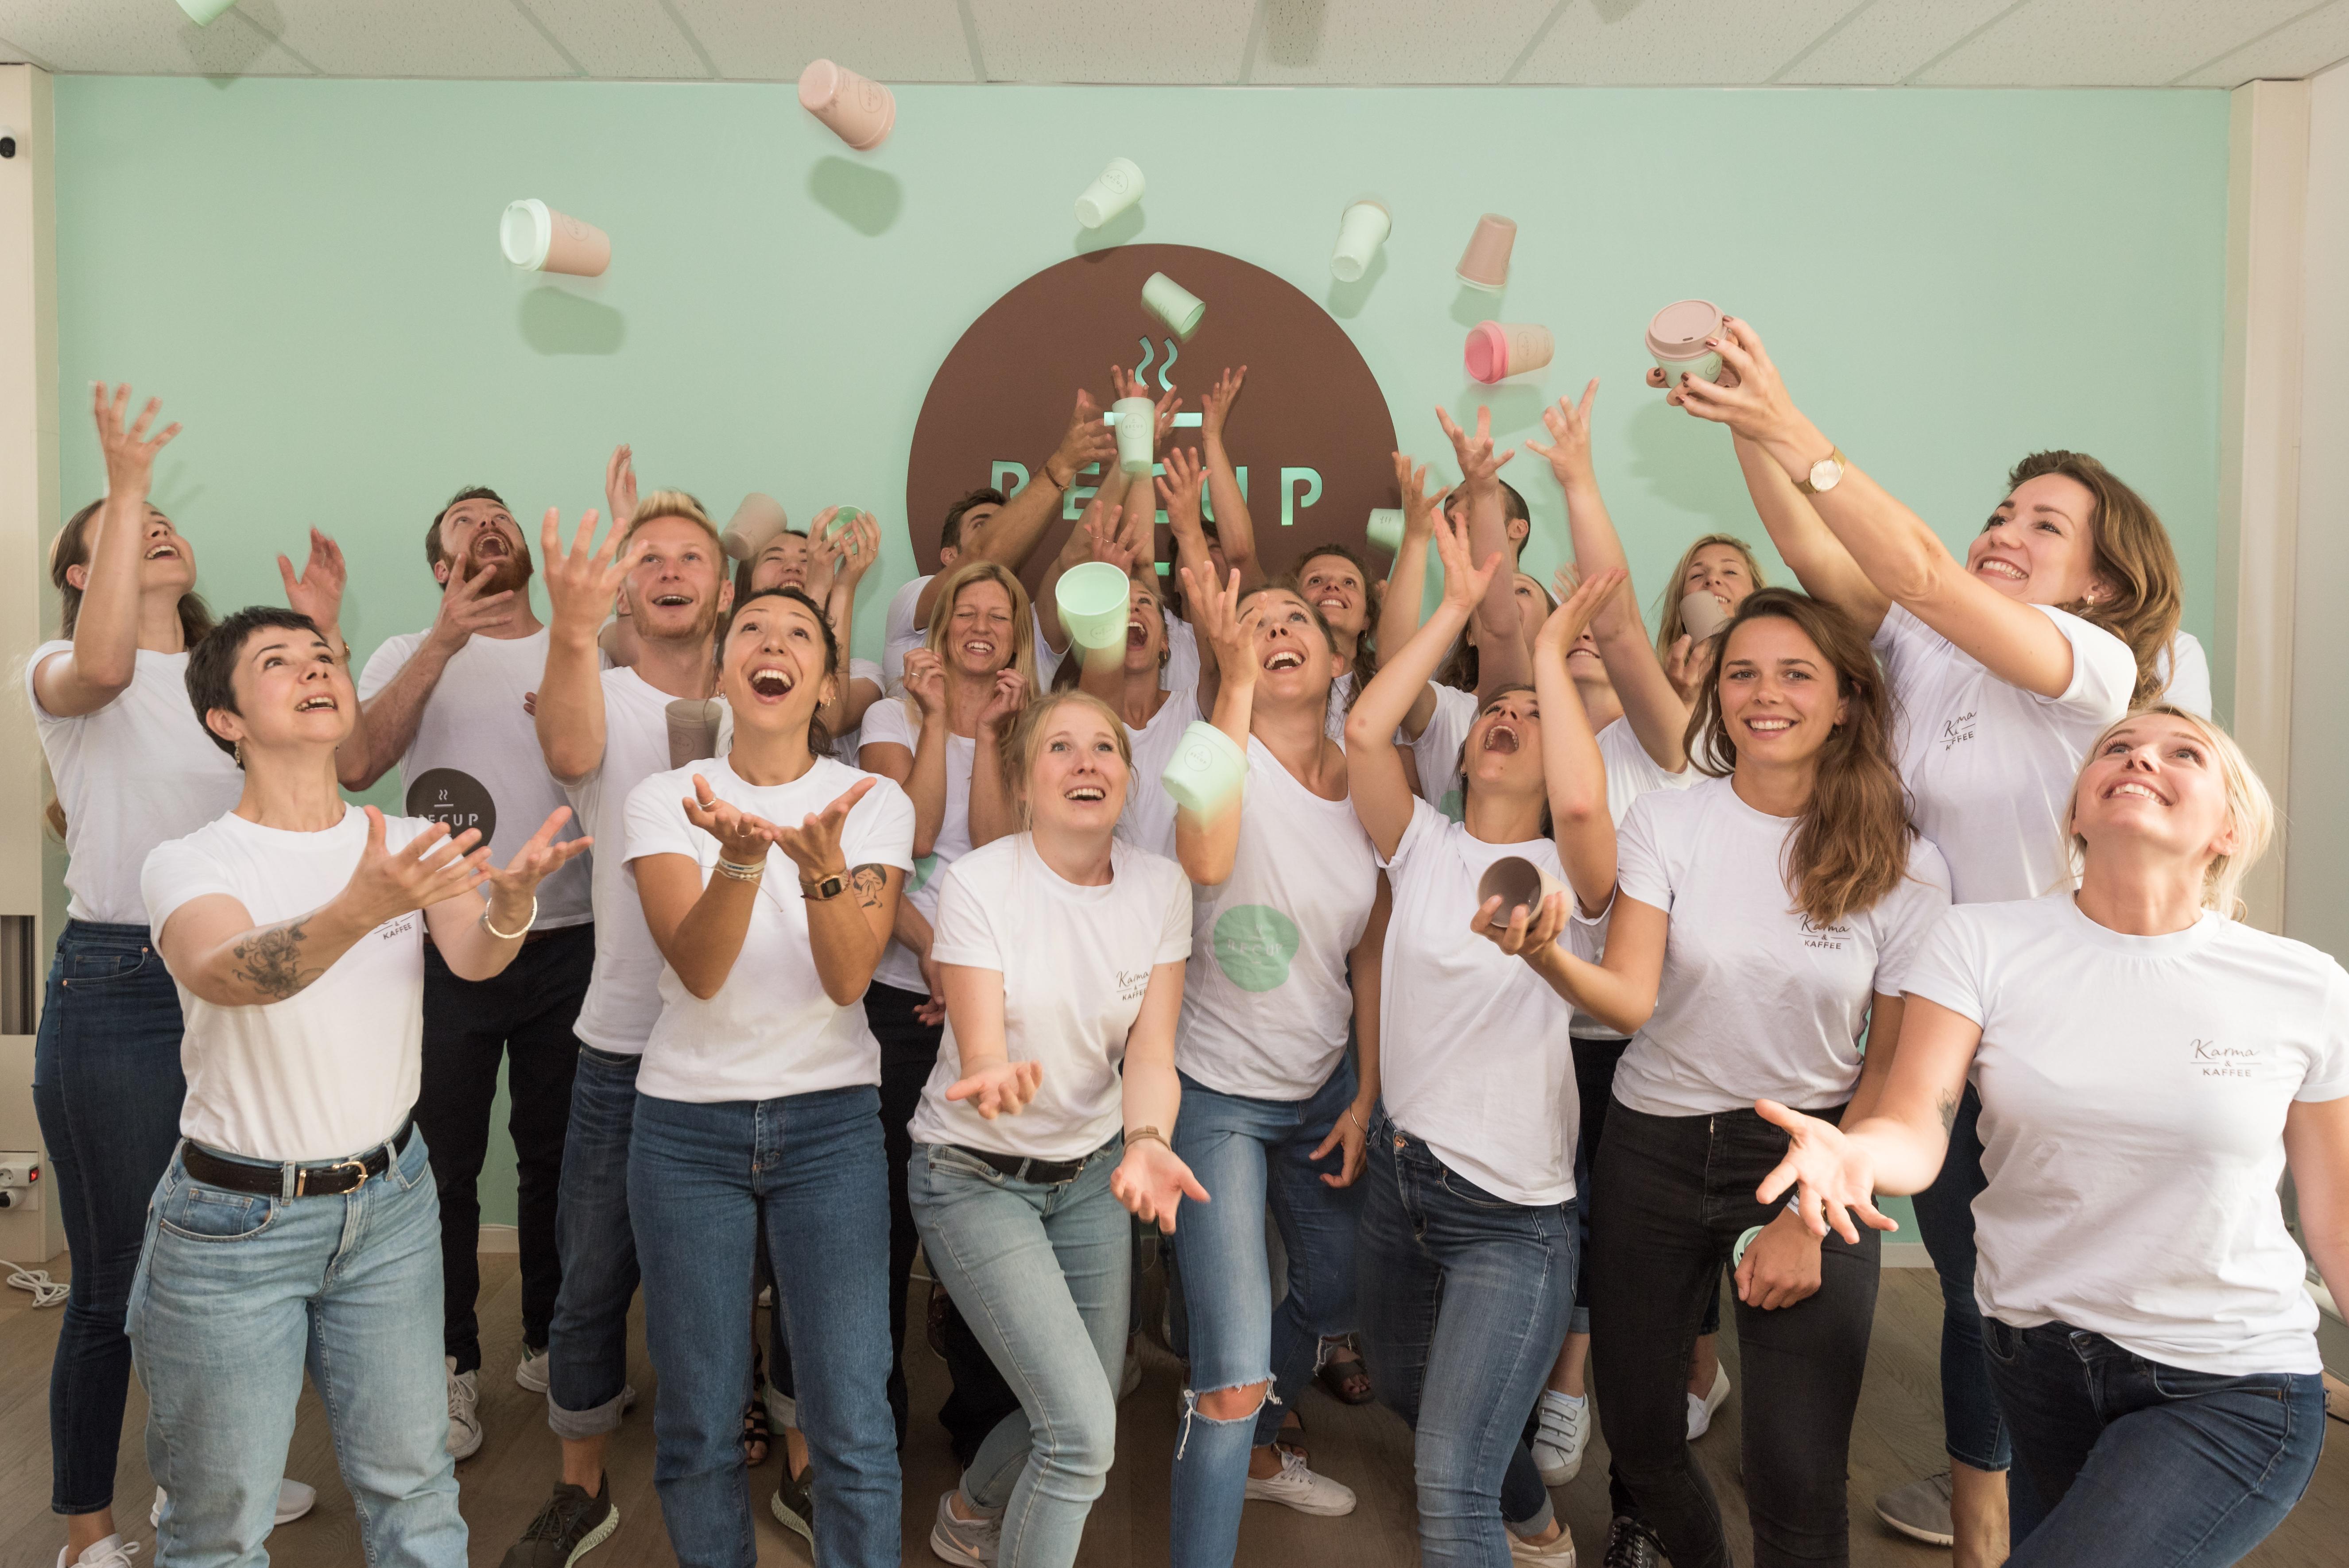 Das RECUP-Team versteht Spaß und ihr Job verbessert die Welt